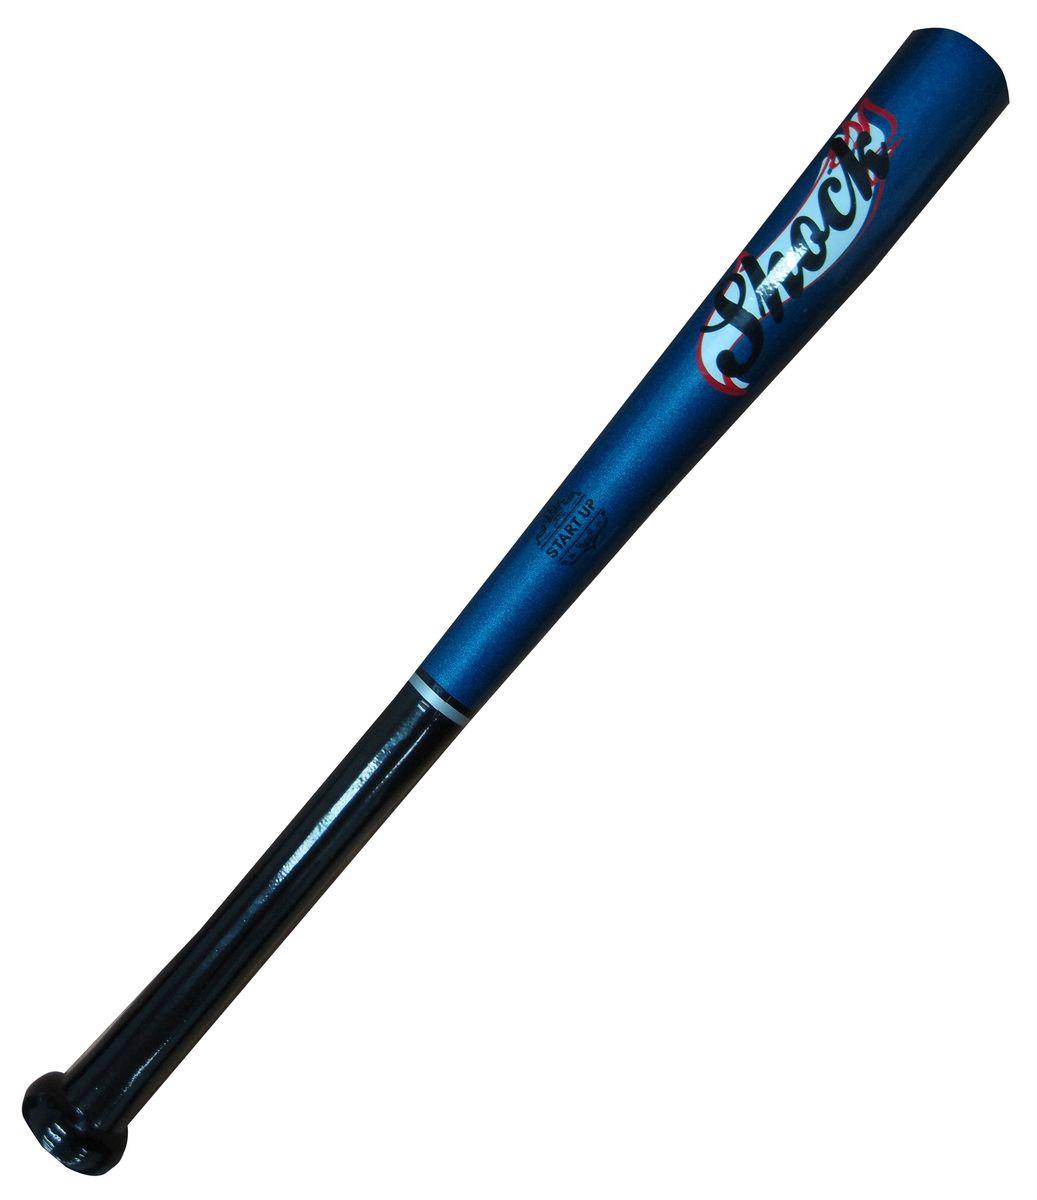 Бита бейсбольная Start UP R Shock, цвет: синий, черный, 21339447Бейсбольная бита Start Up выполнена из каучукового дерева, а это значит, что она невероятно прочная и плотная. Размер - 21 (53 см).